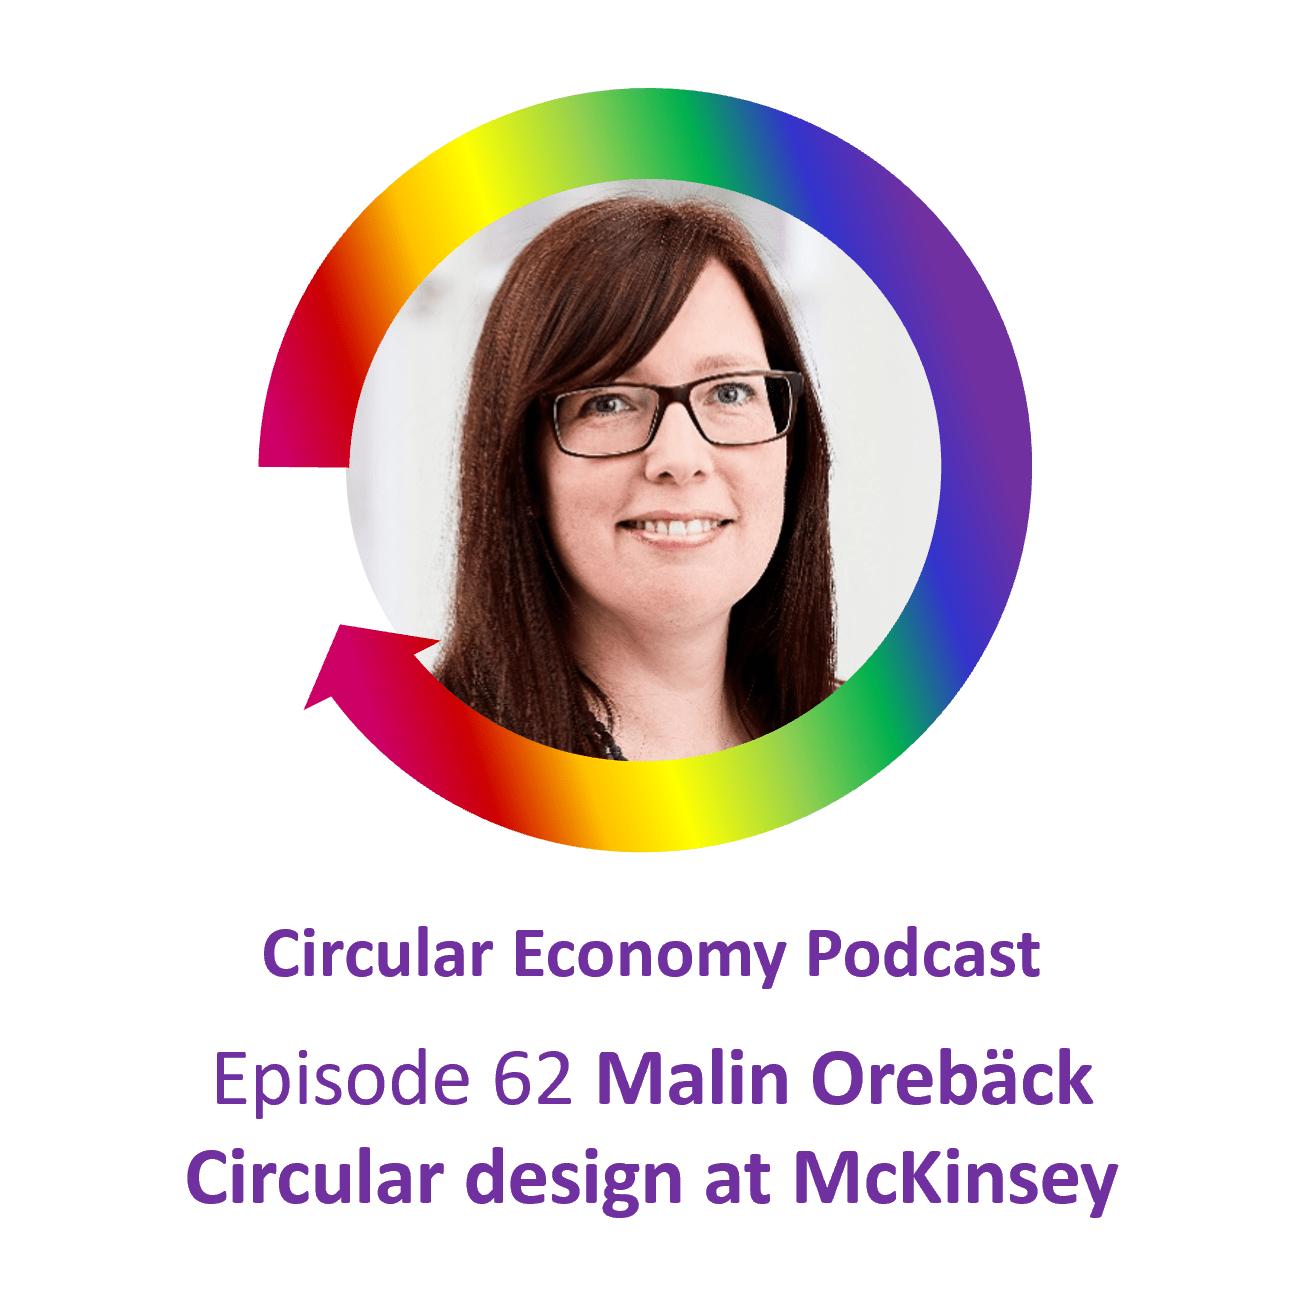 Episode 62 Malin Orebäck Circular Design at McKinsey